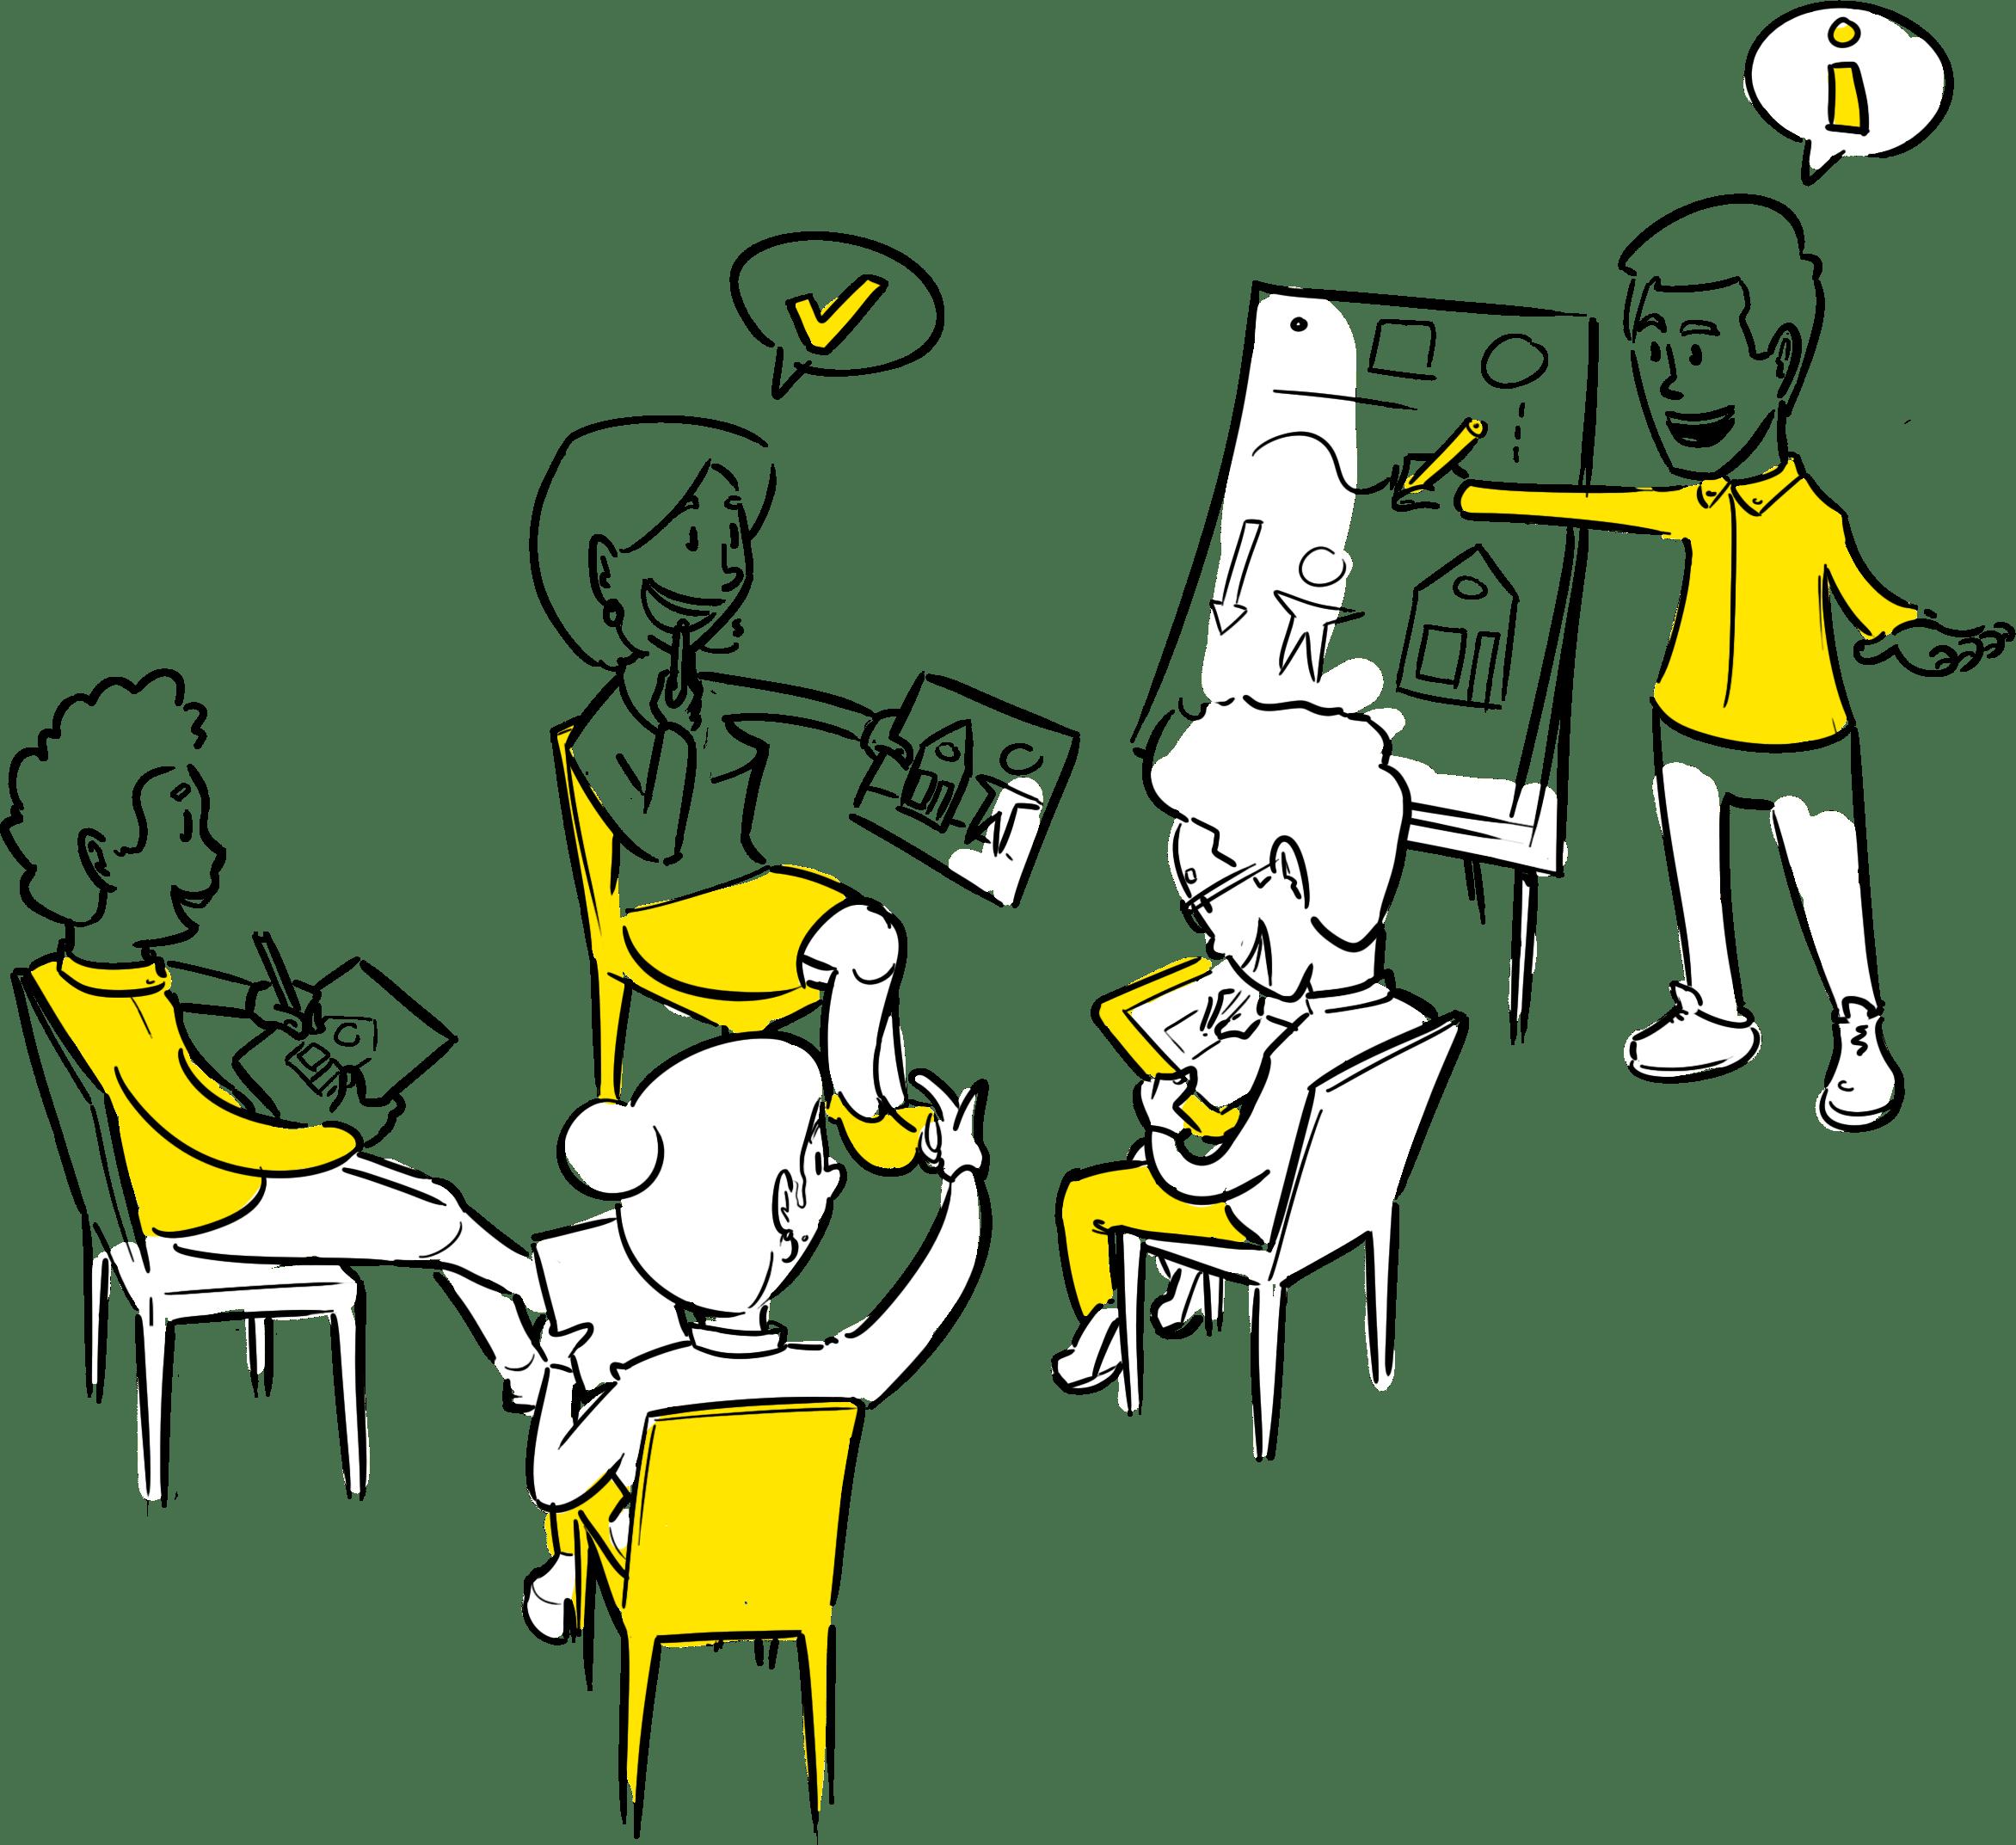 cursus zakelijk tekenen workshop met je team leren tekenen visual storytelling Den Haag visueel maken